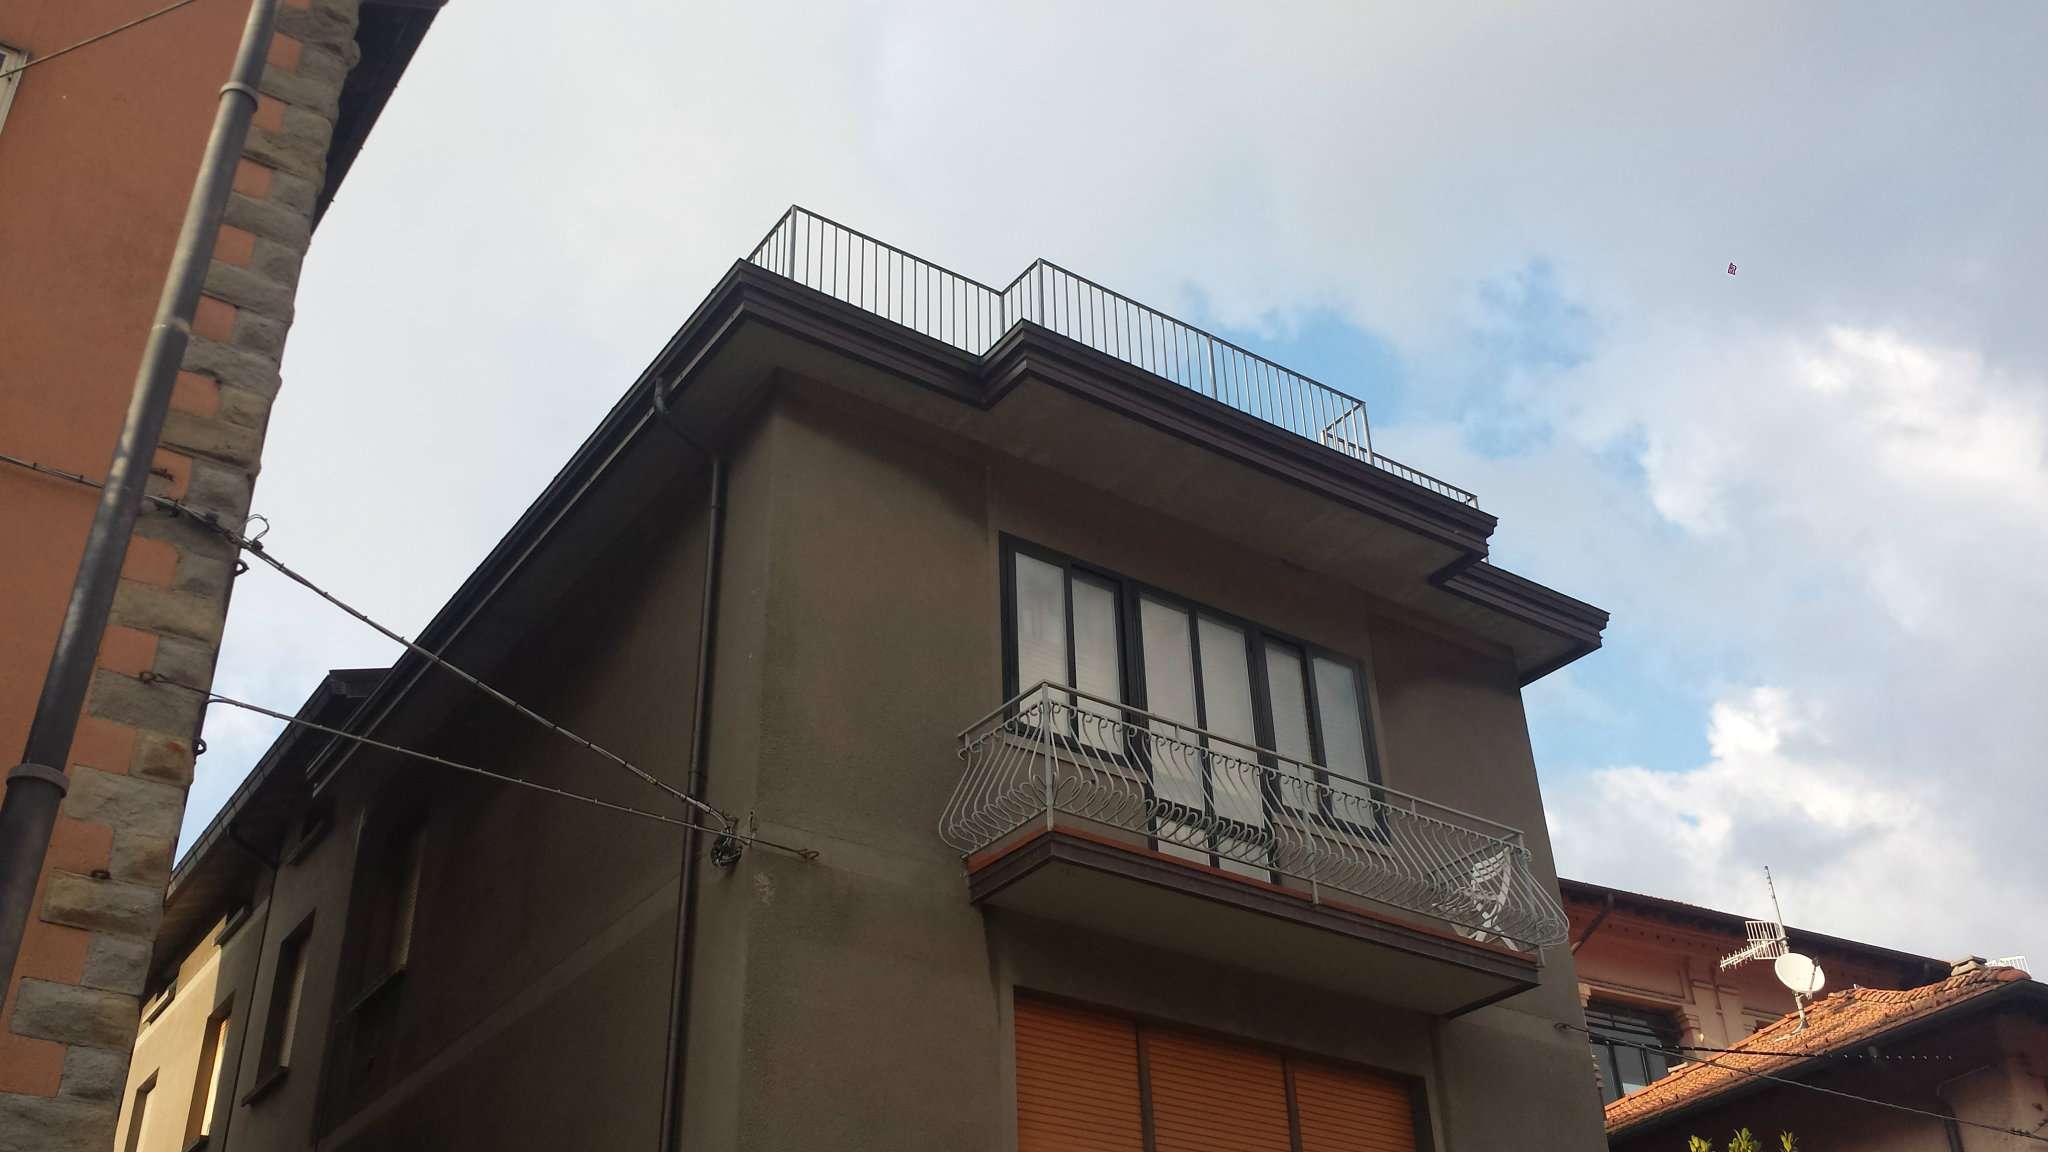 Appartamento al 2° piano in  elegante condominio  pieno centro a CASTIGLIONE DEI PEPOLI prov.BOLOGNA